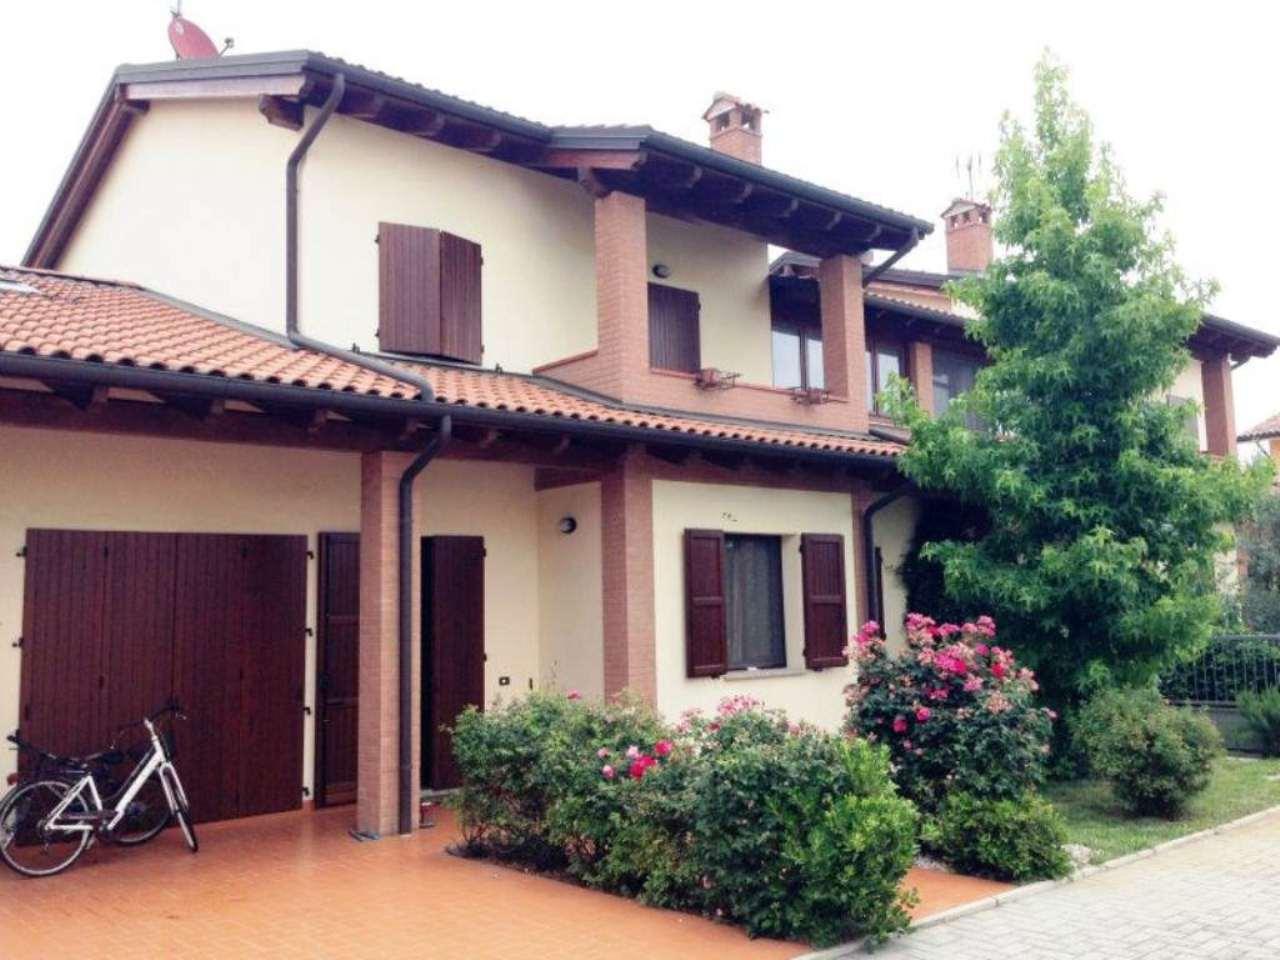 Villa Bifamiliare in vendita a Pieve di Cento, 5 locali, prezzo € 420.000   Cambio Casa.it